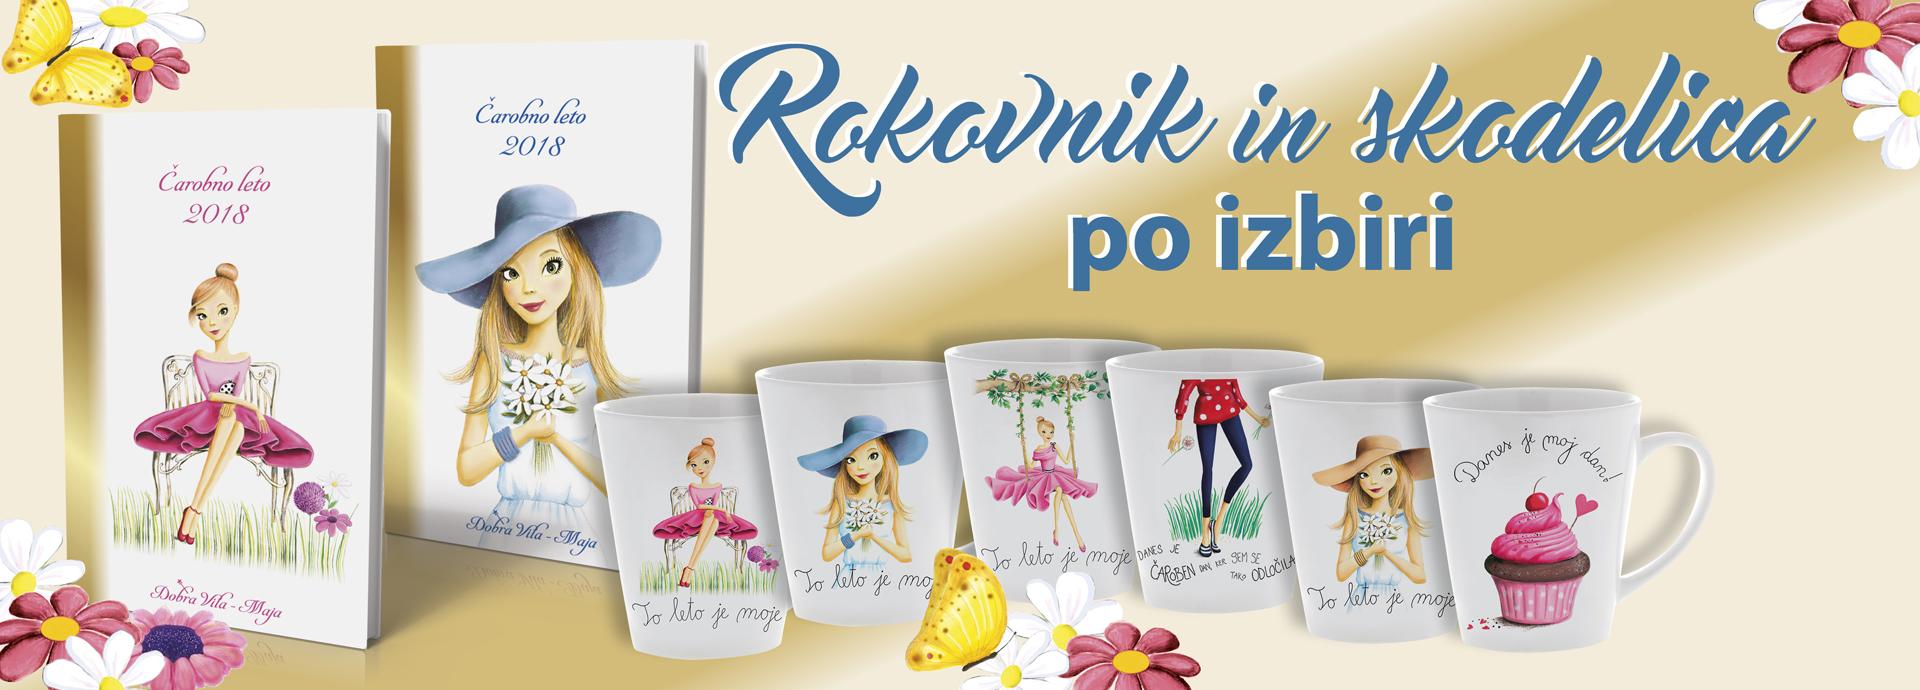 Vstopna-stran-September-2017-Rokovnik